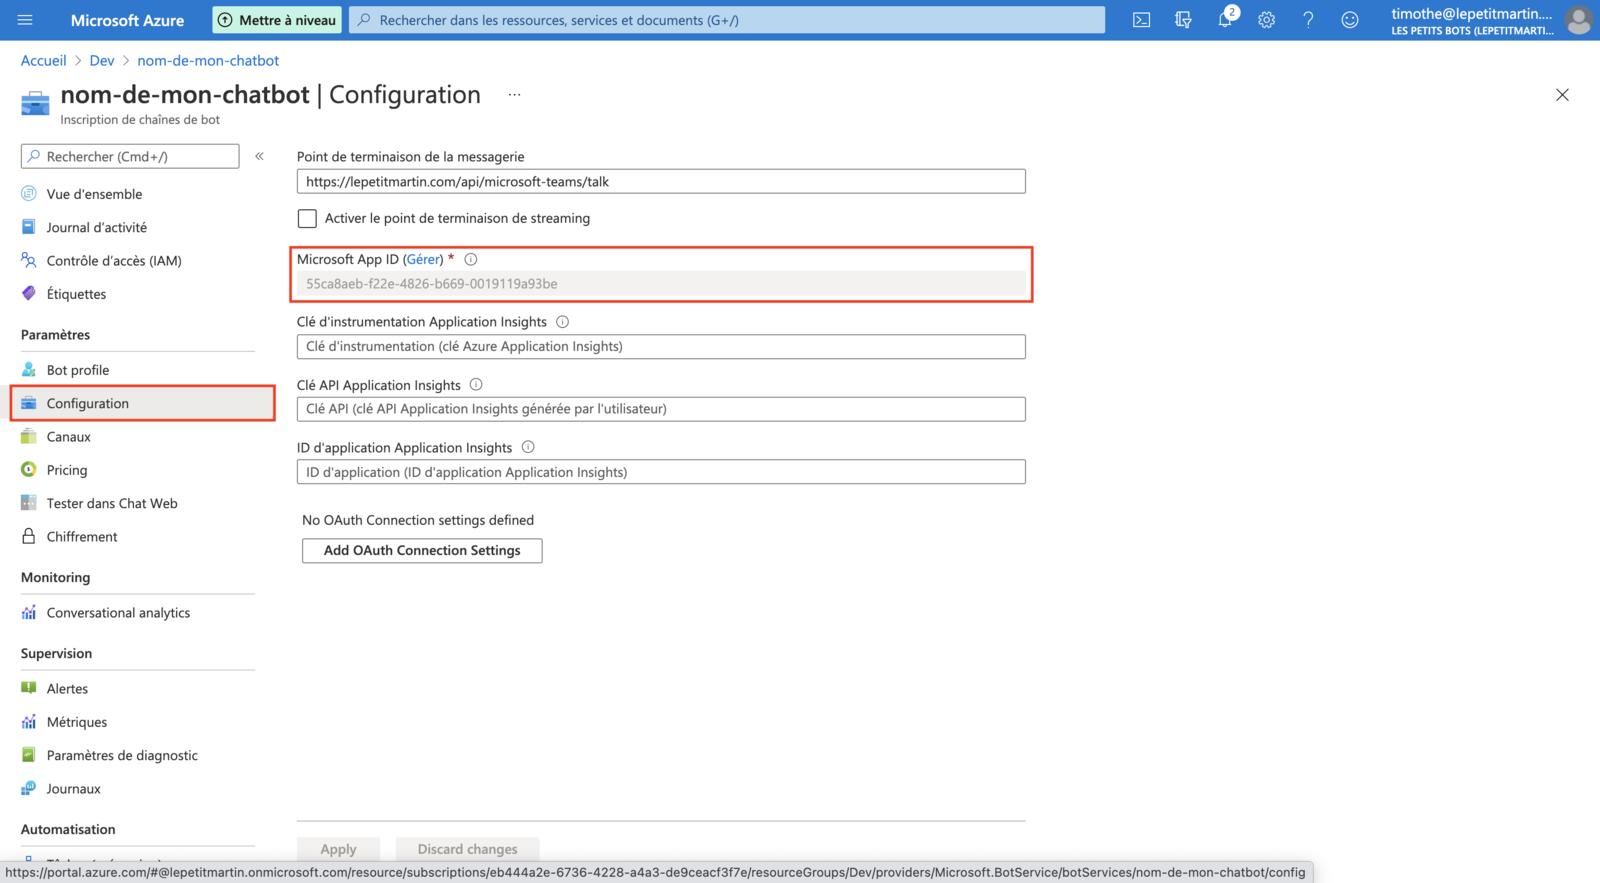 Récupération de la valeur Microsoft App ID